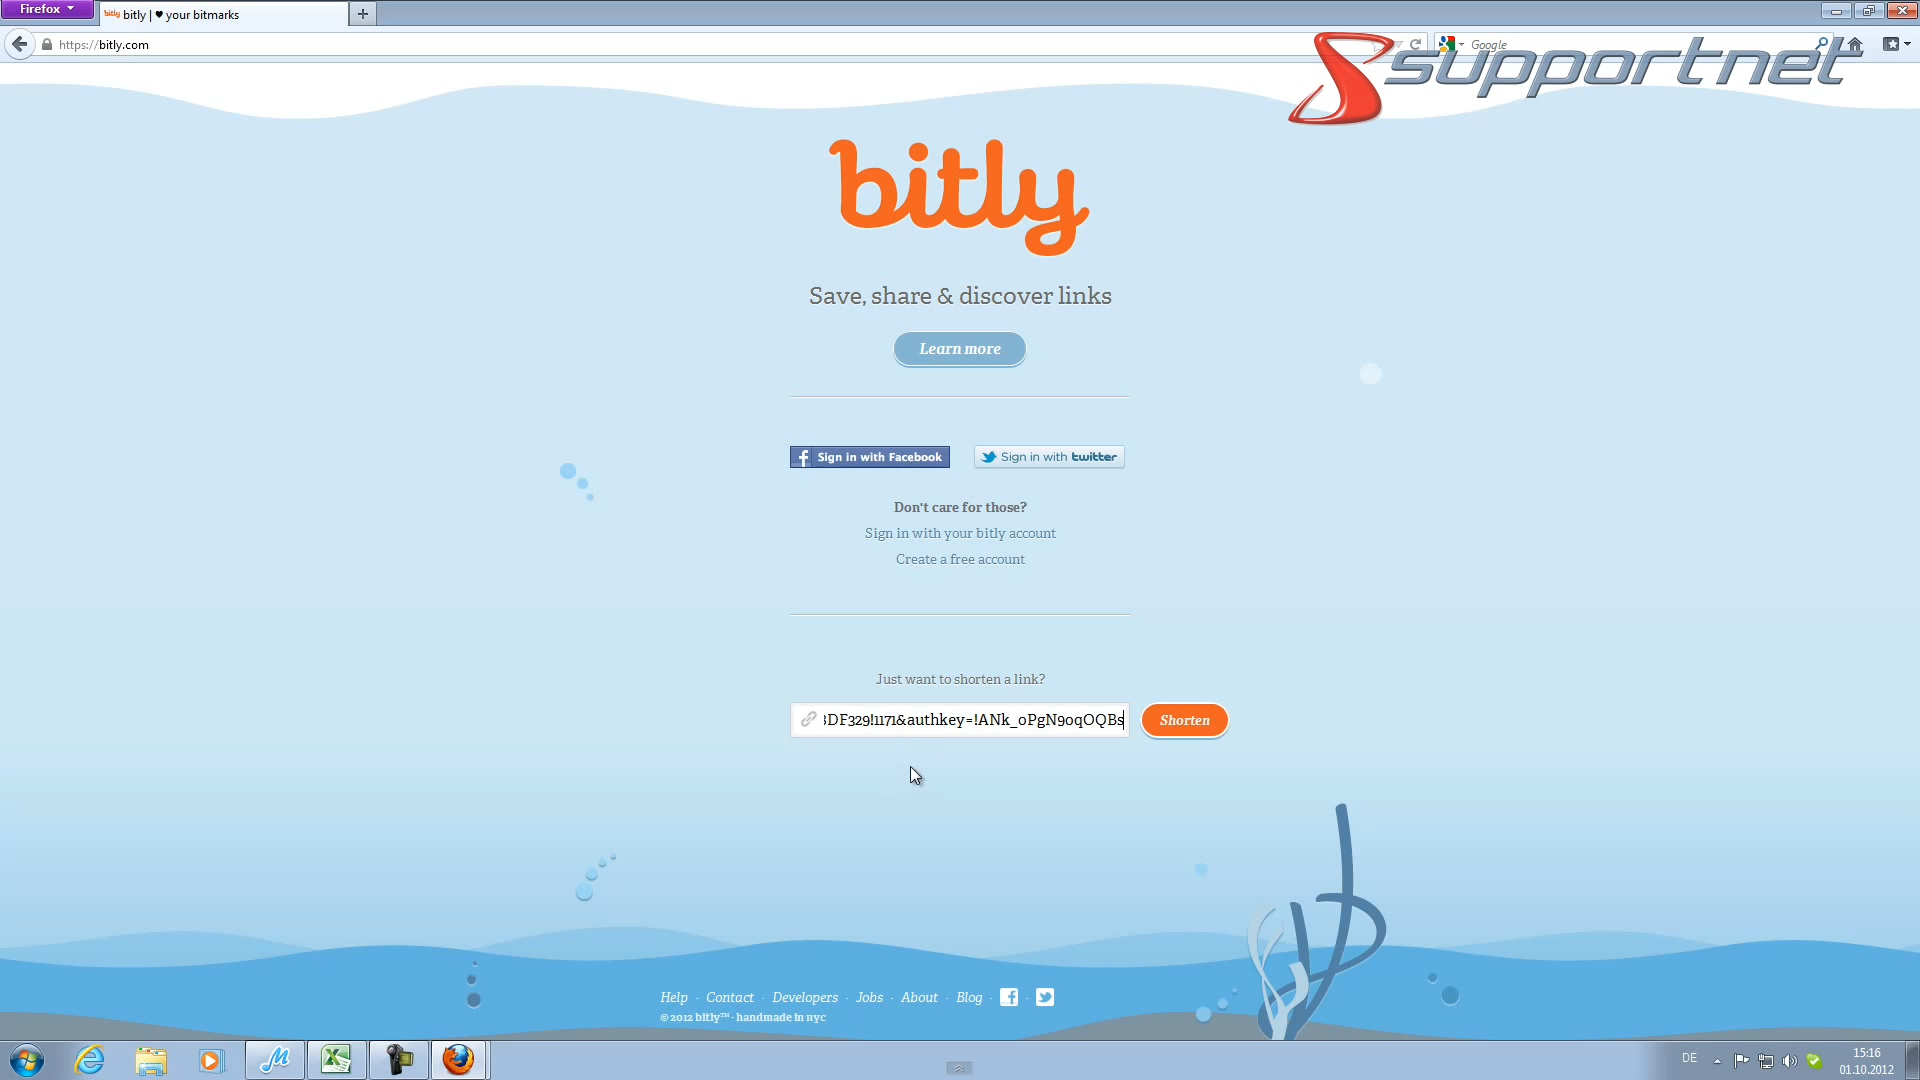 bitly-com-downloadcounter-anlegen-470.png?nocache=1351759121512